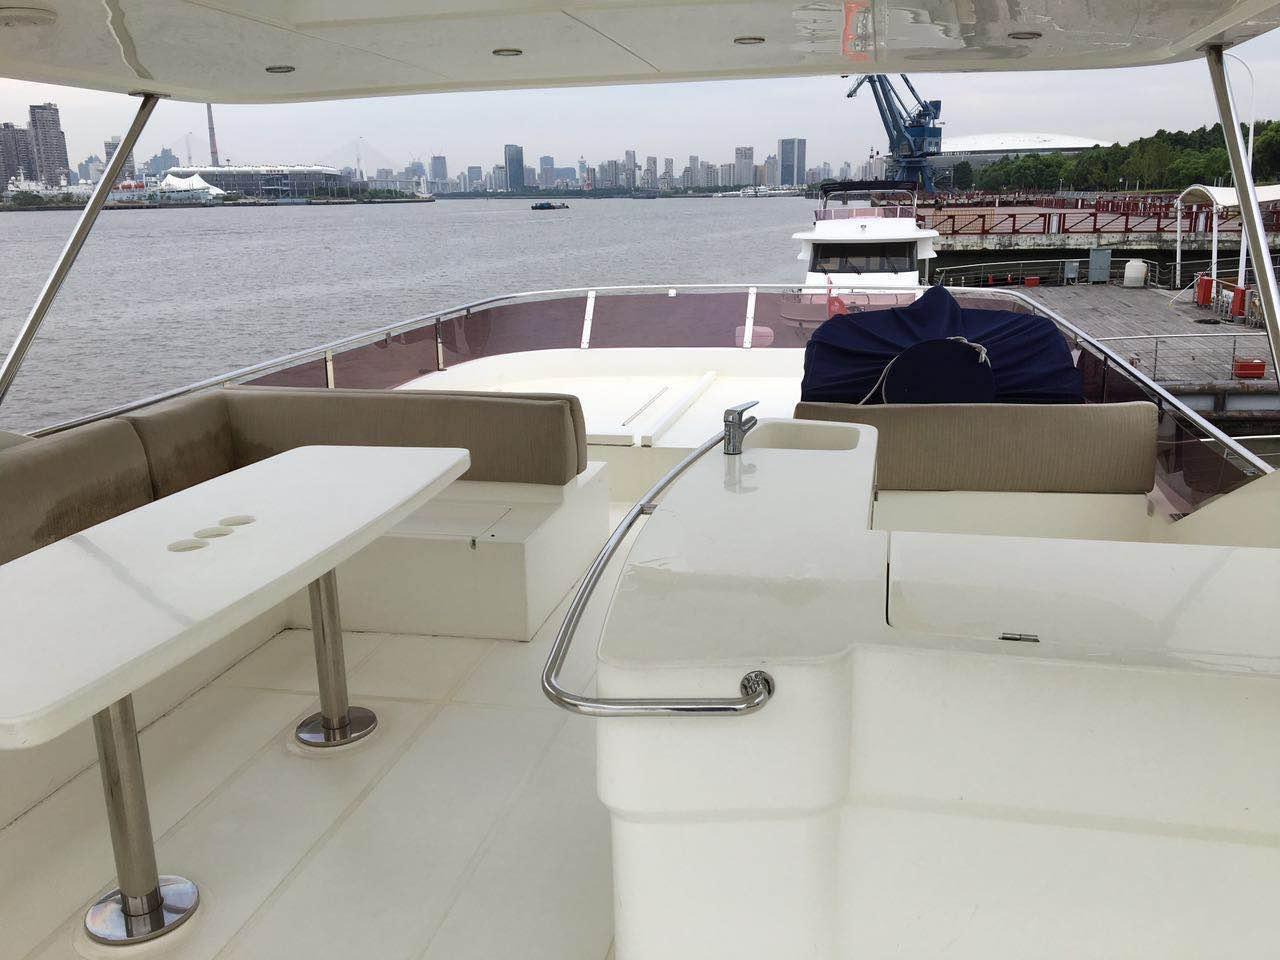 上海,观光,商务,私人,外滩 上海游艇租赁豪华商务游艇私人派对外滩游艇观光高端私人订制